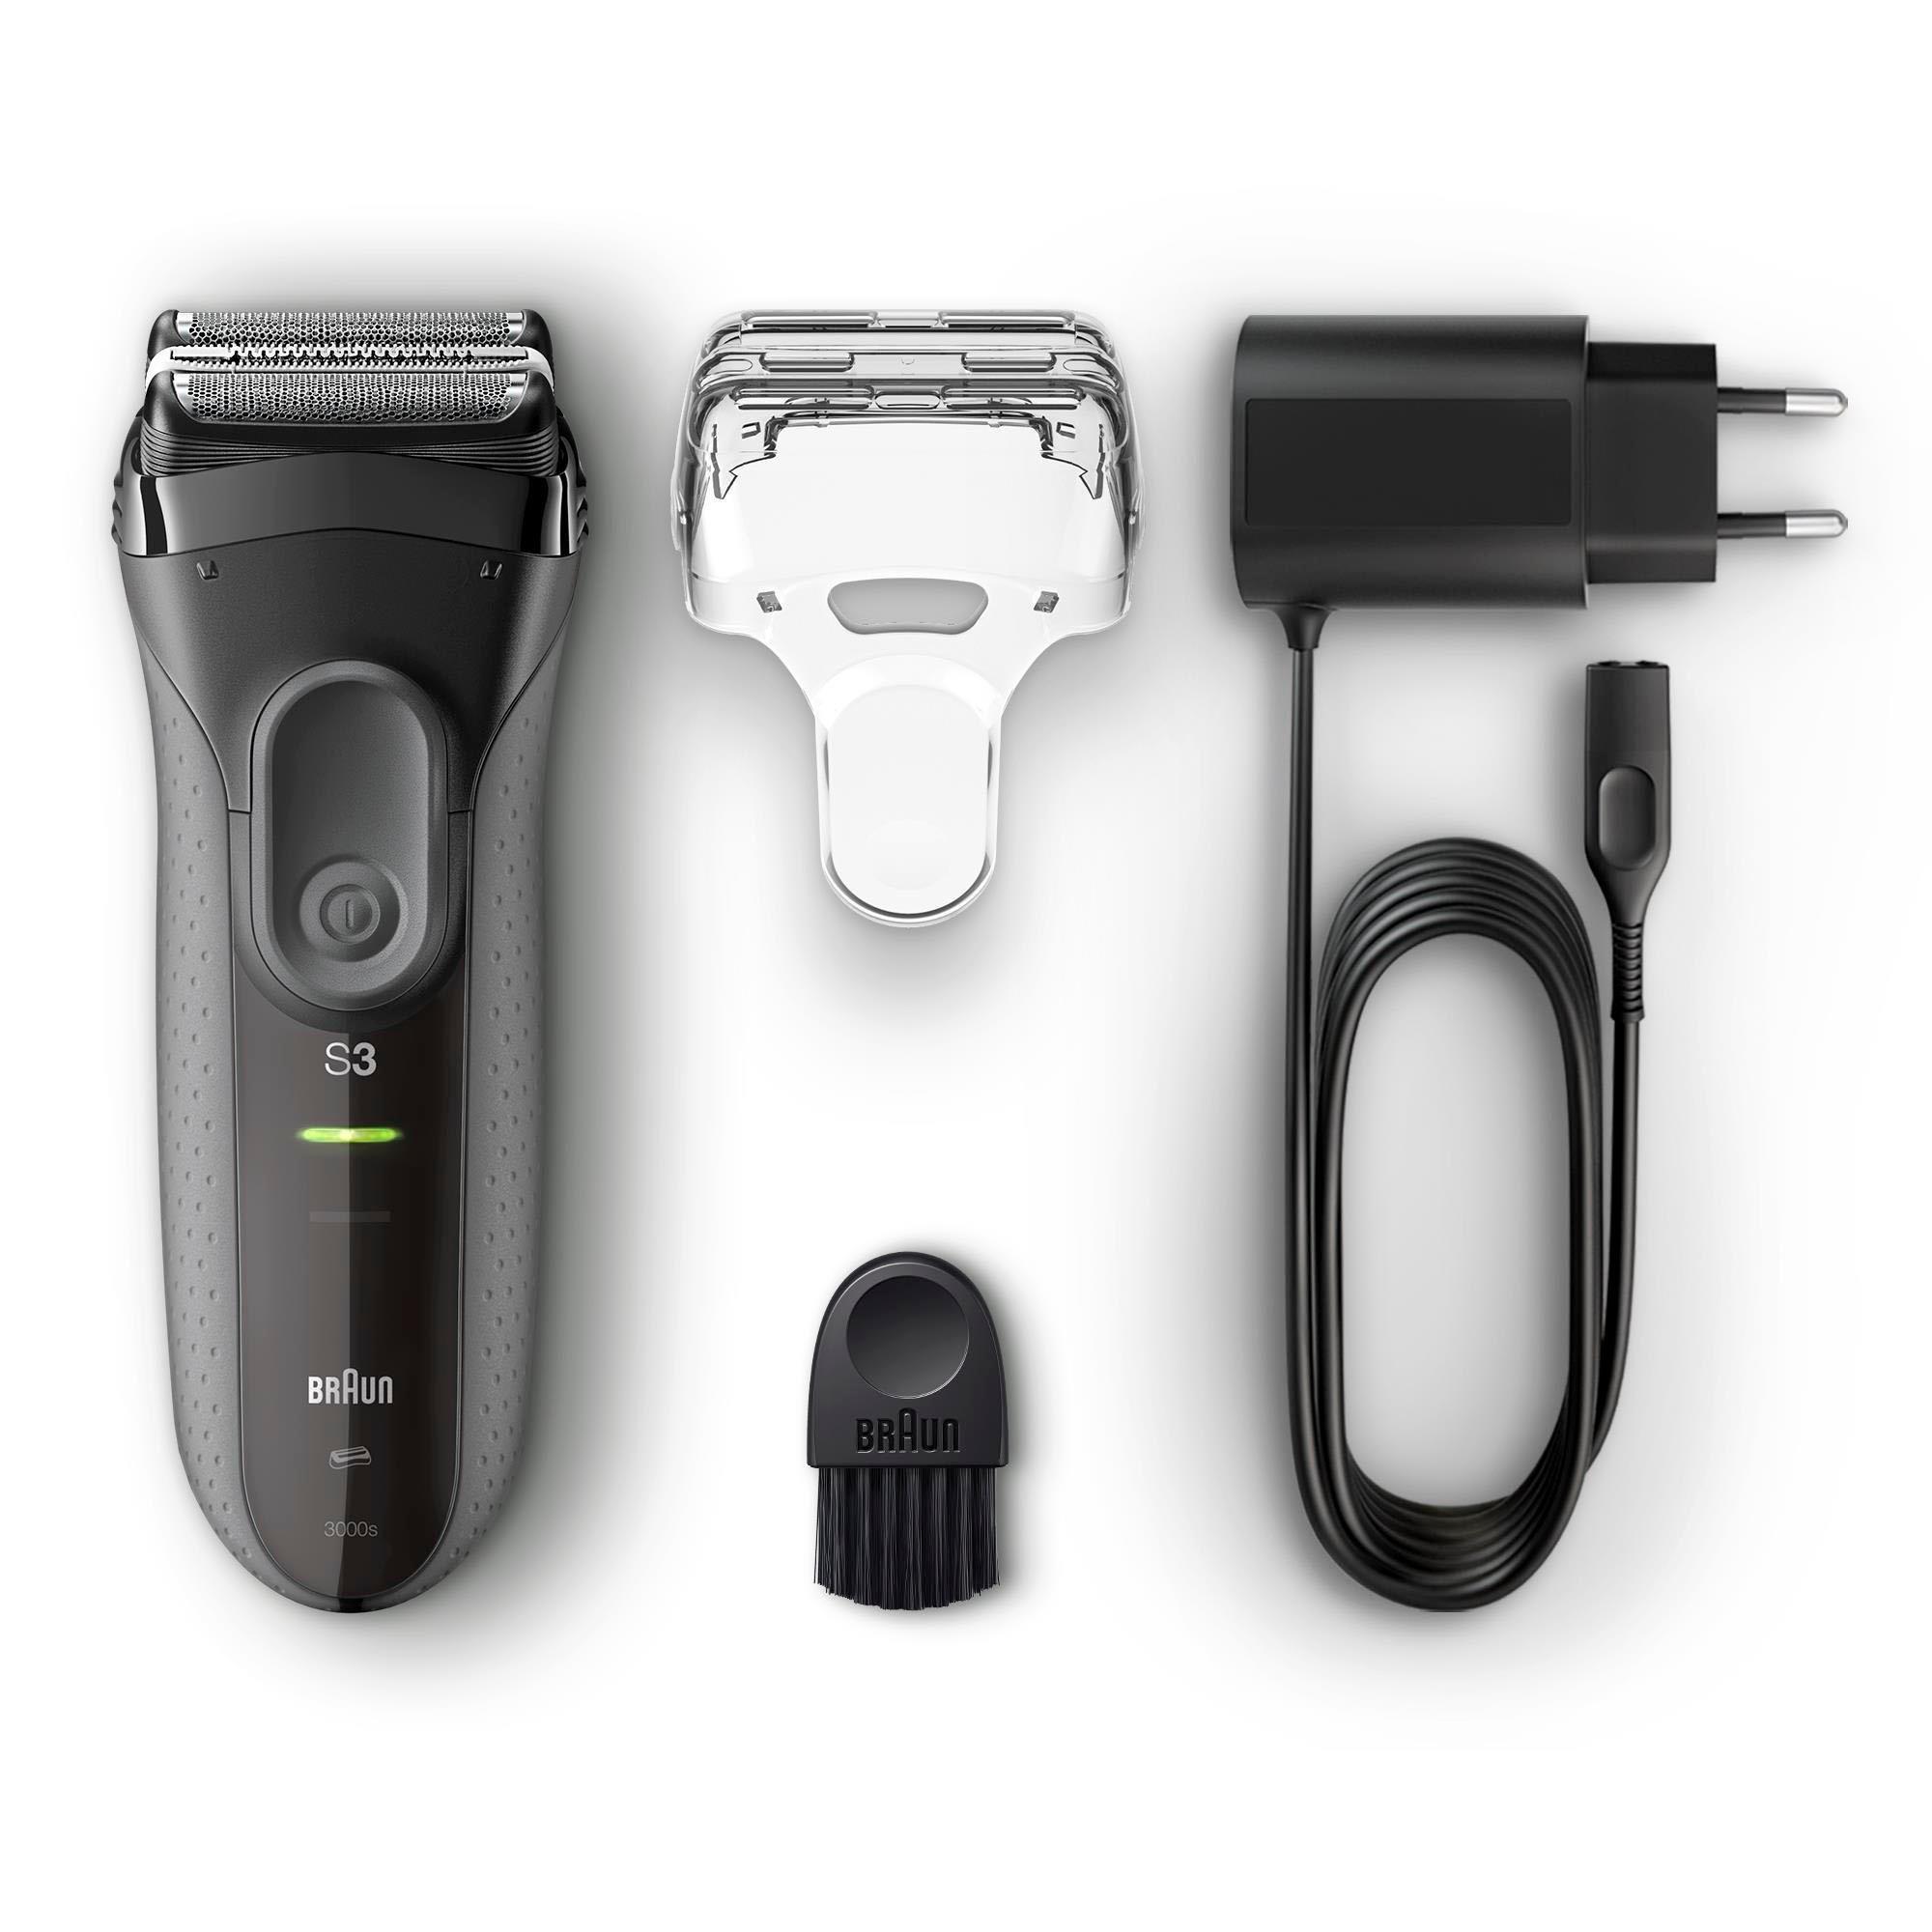 Braun scheerapparaat Series 3 ProSkin 3000s, oplaadbaar elektrisch scheerapparaat, zwart - verschillende betaalmethodes